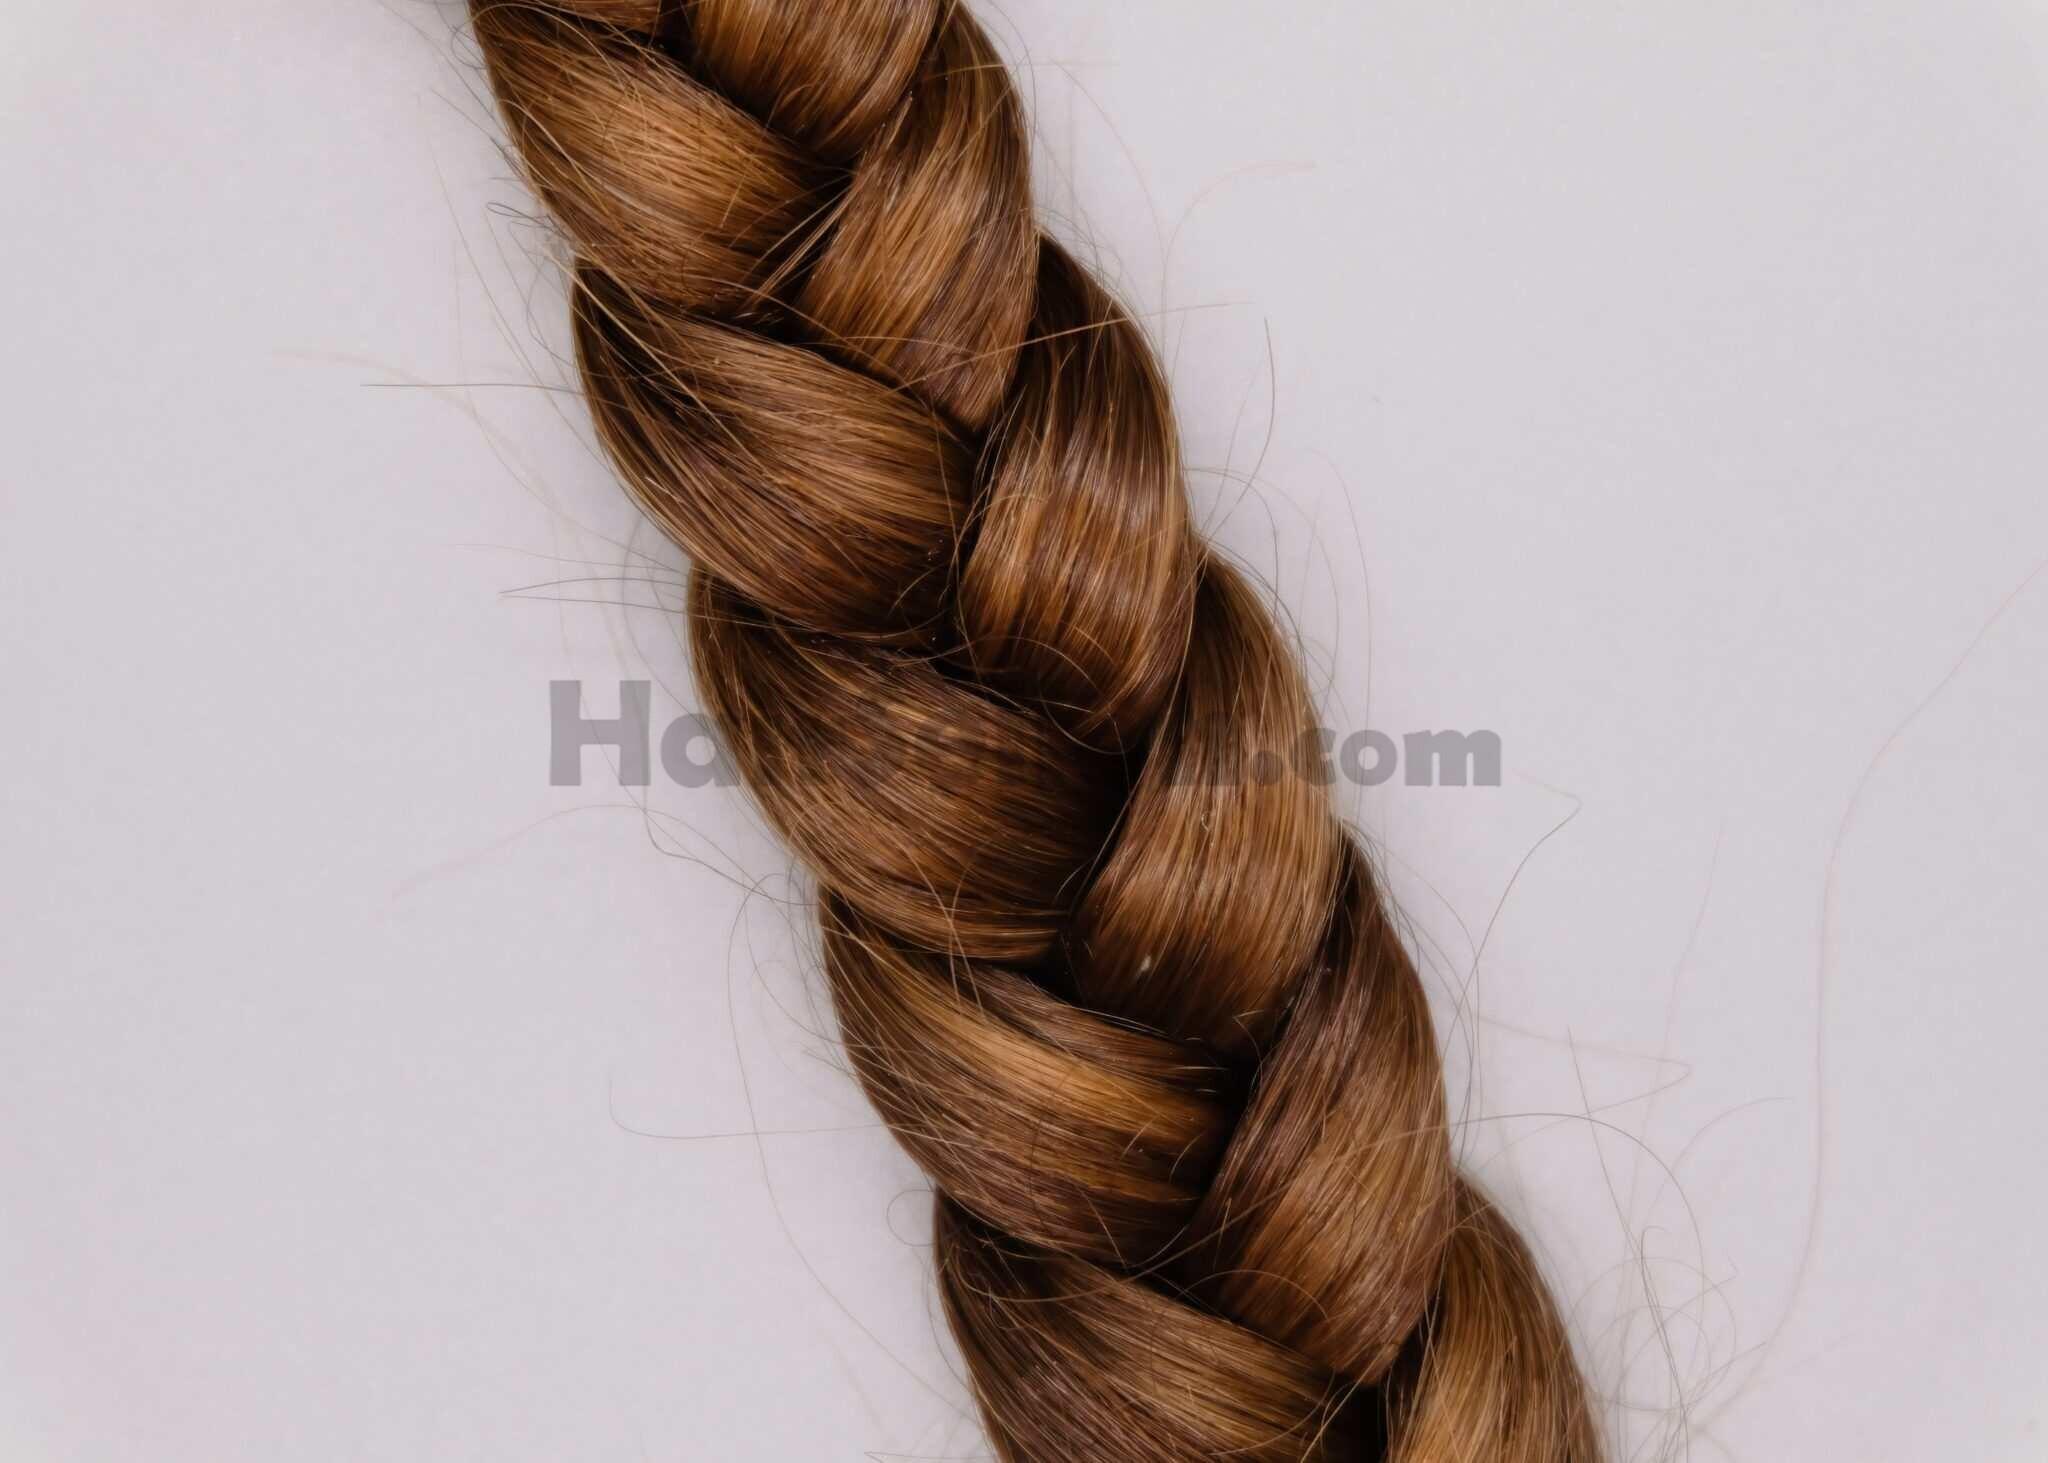 Hair 05-min